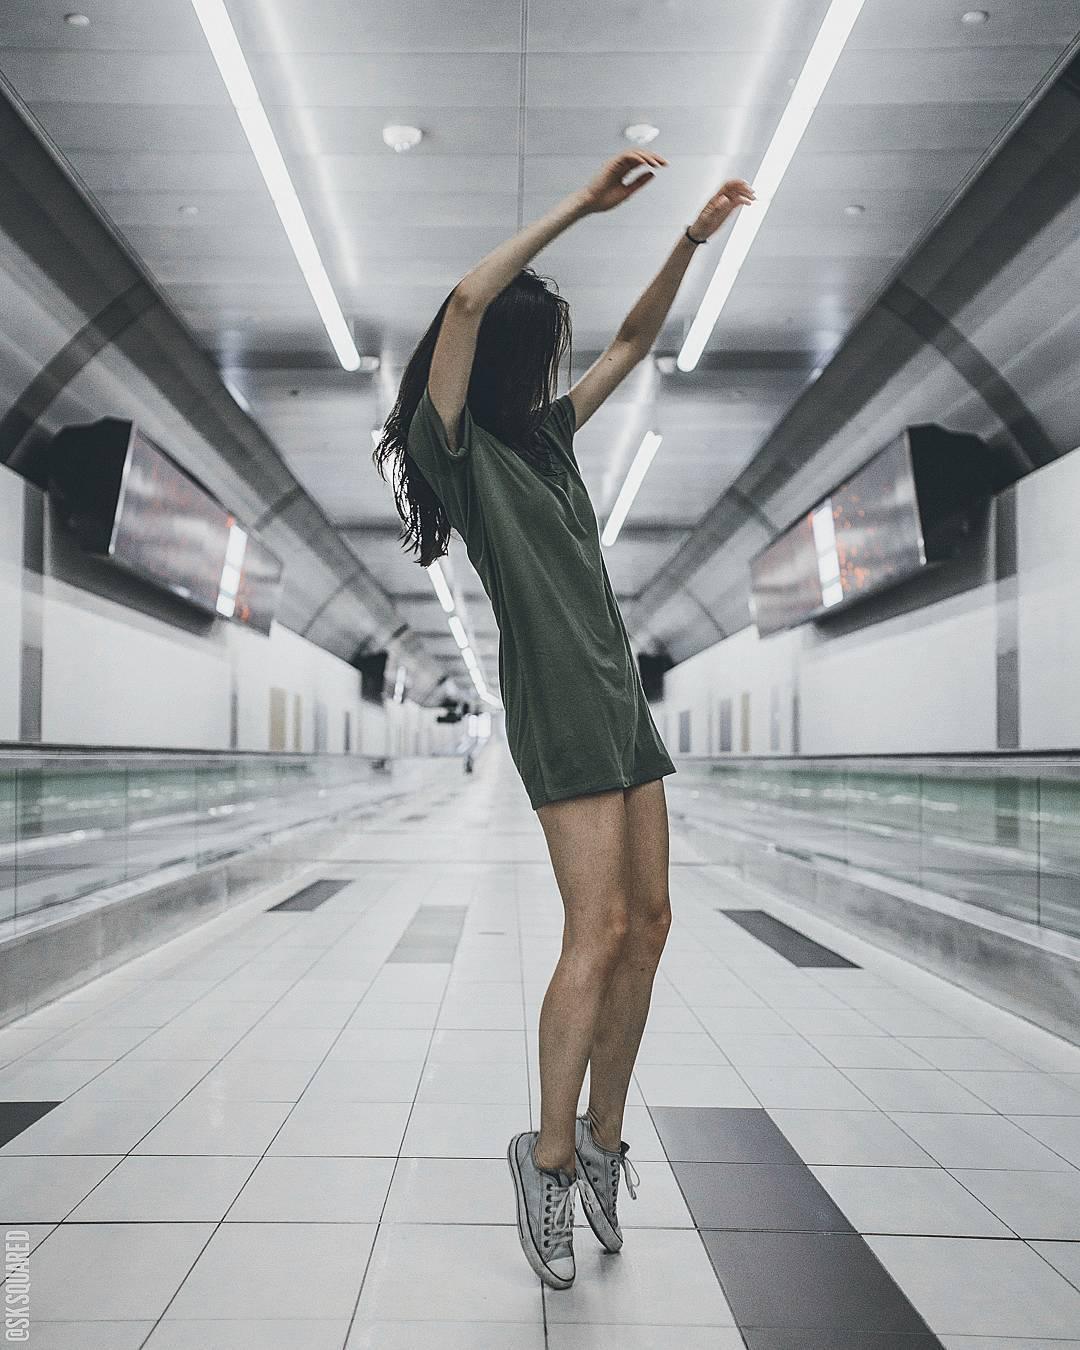 Urban Lifestyle Photography By Sanjeev Kugan